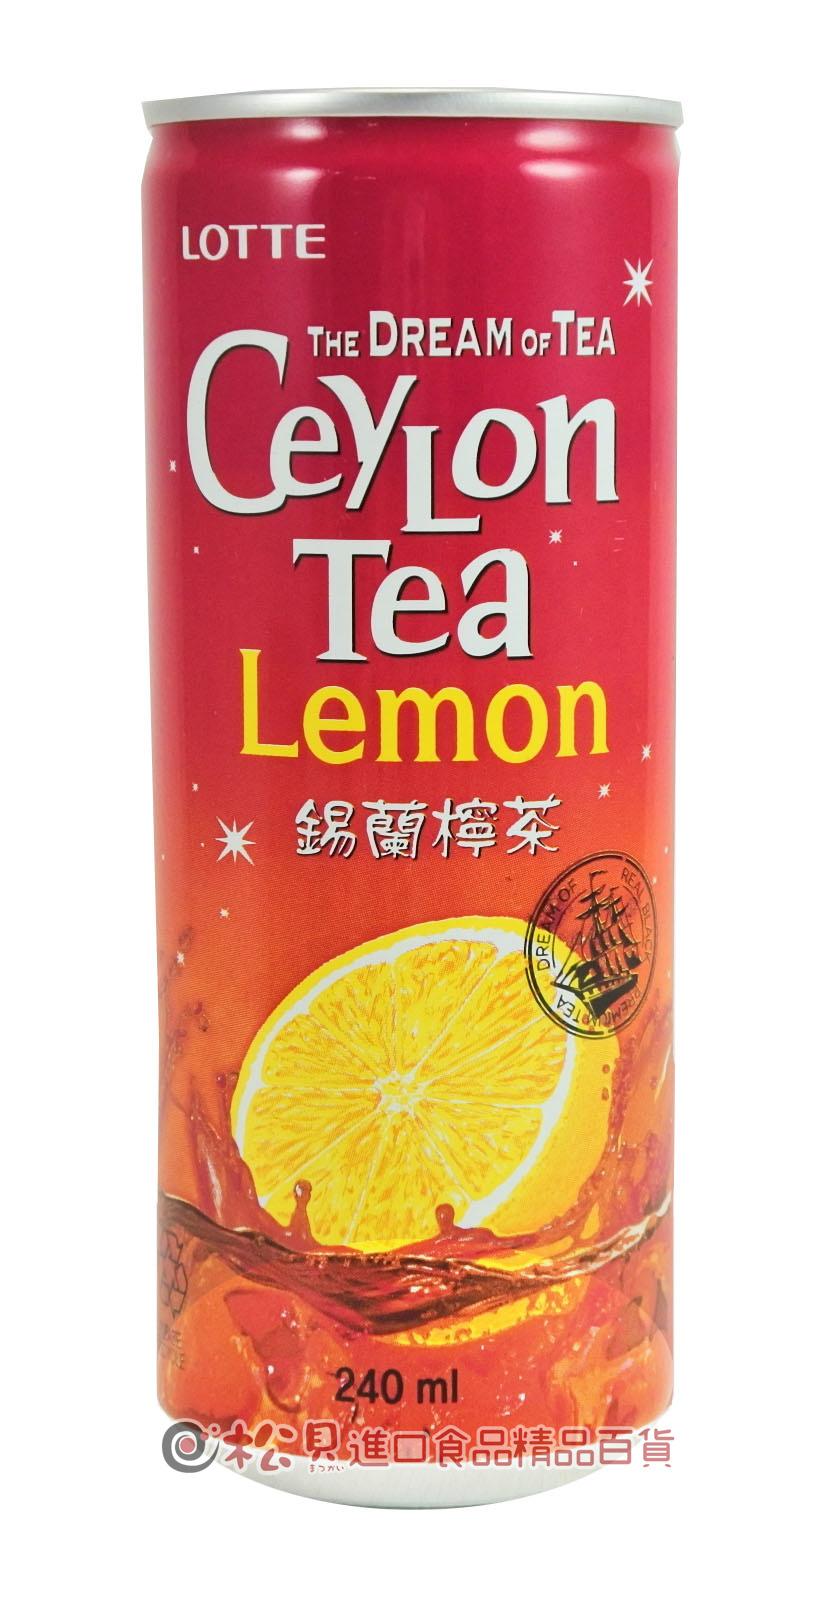 樂天錫蘭檸檬紅茶240ml【8801056297015】.jpg